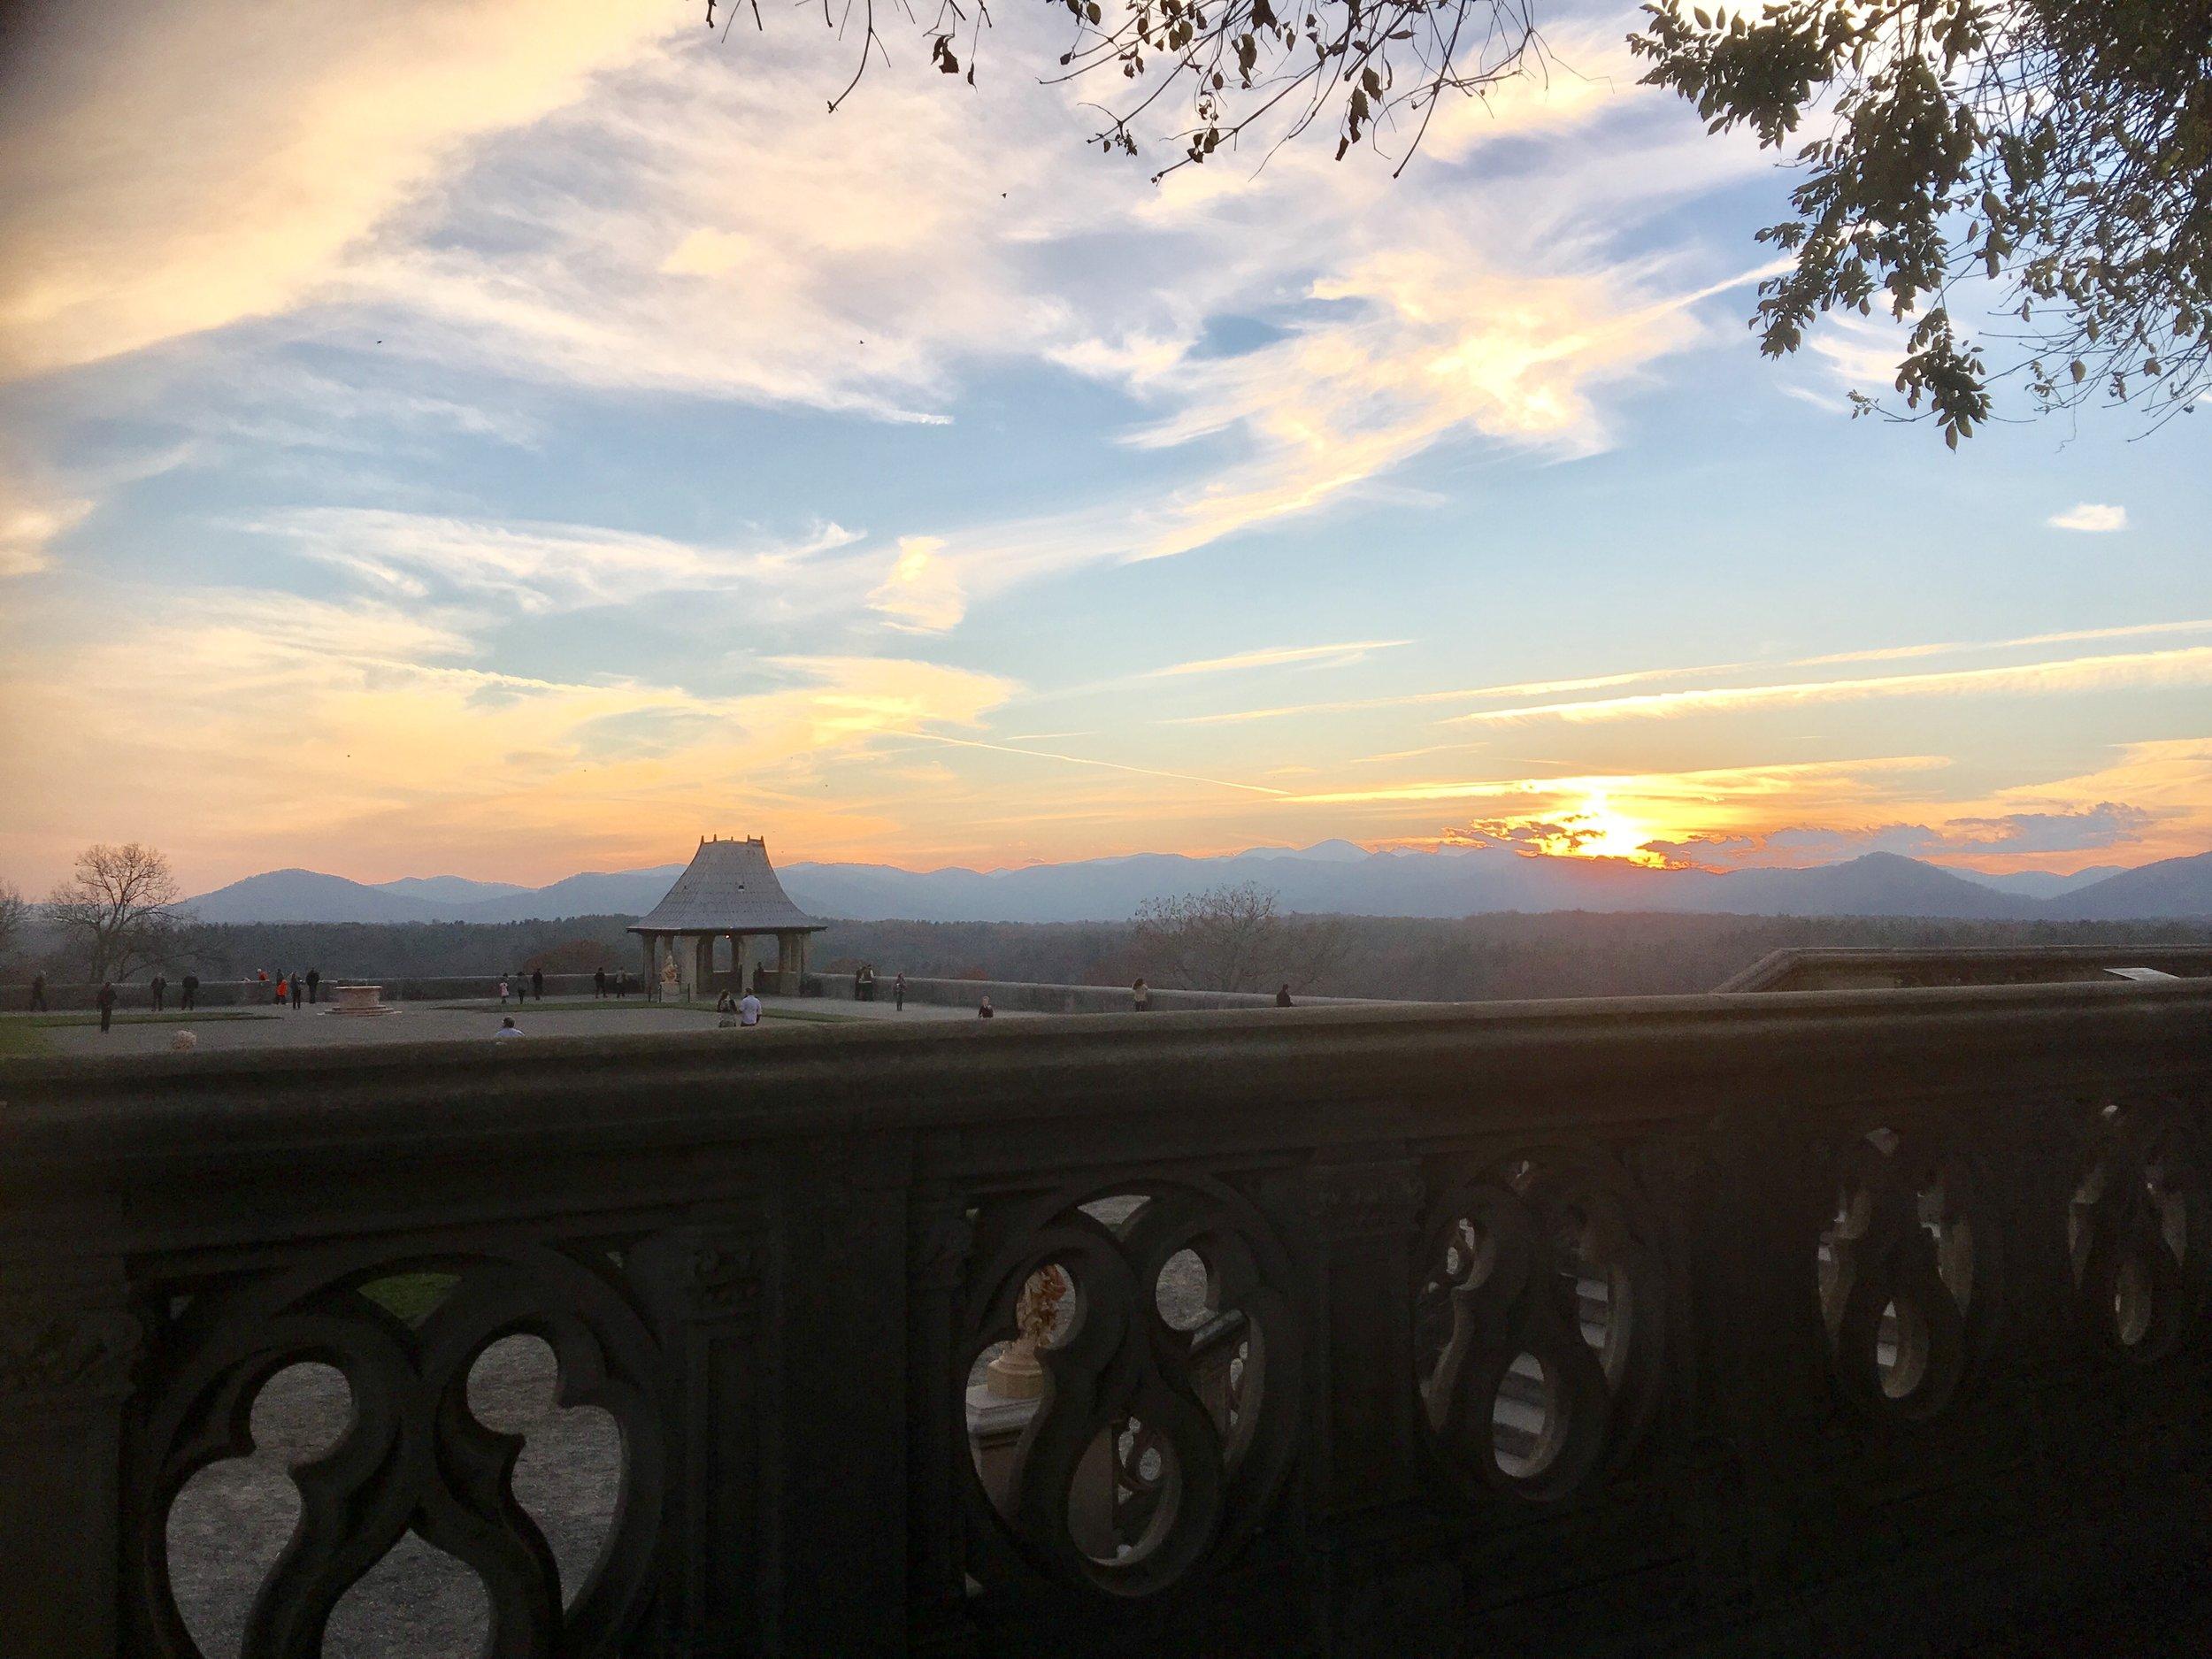 Sunset at Biltmore